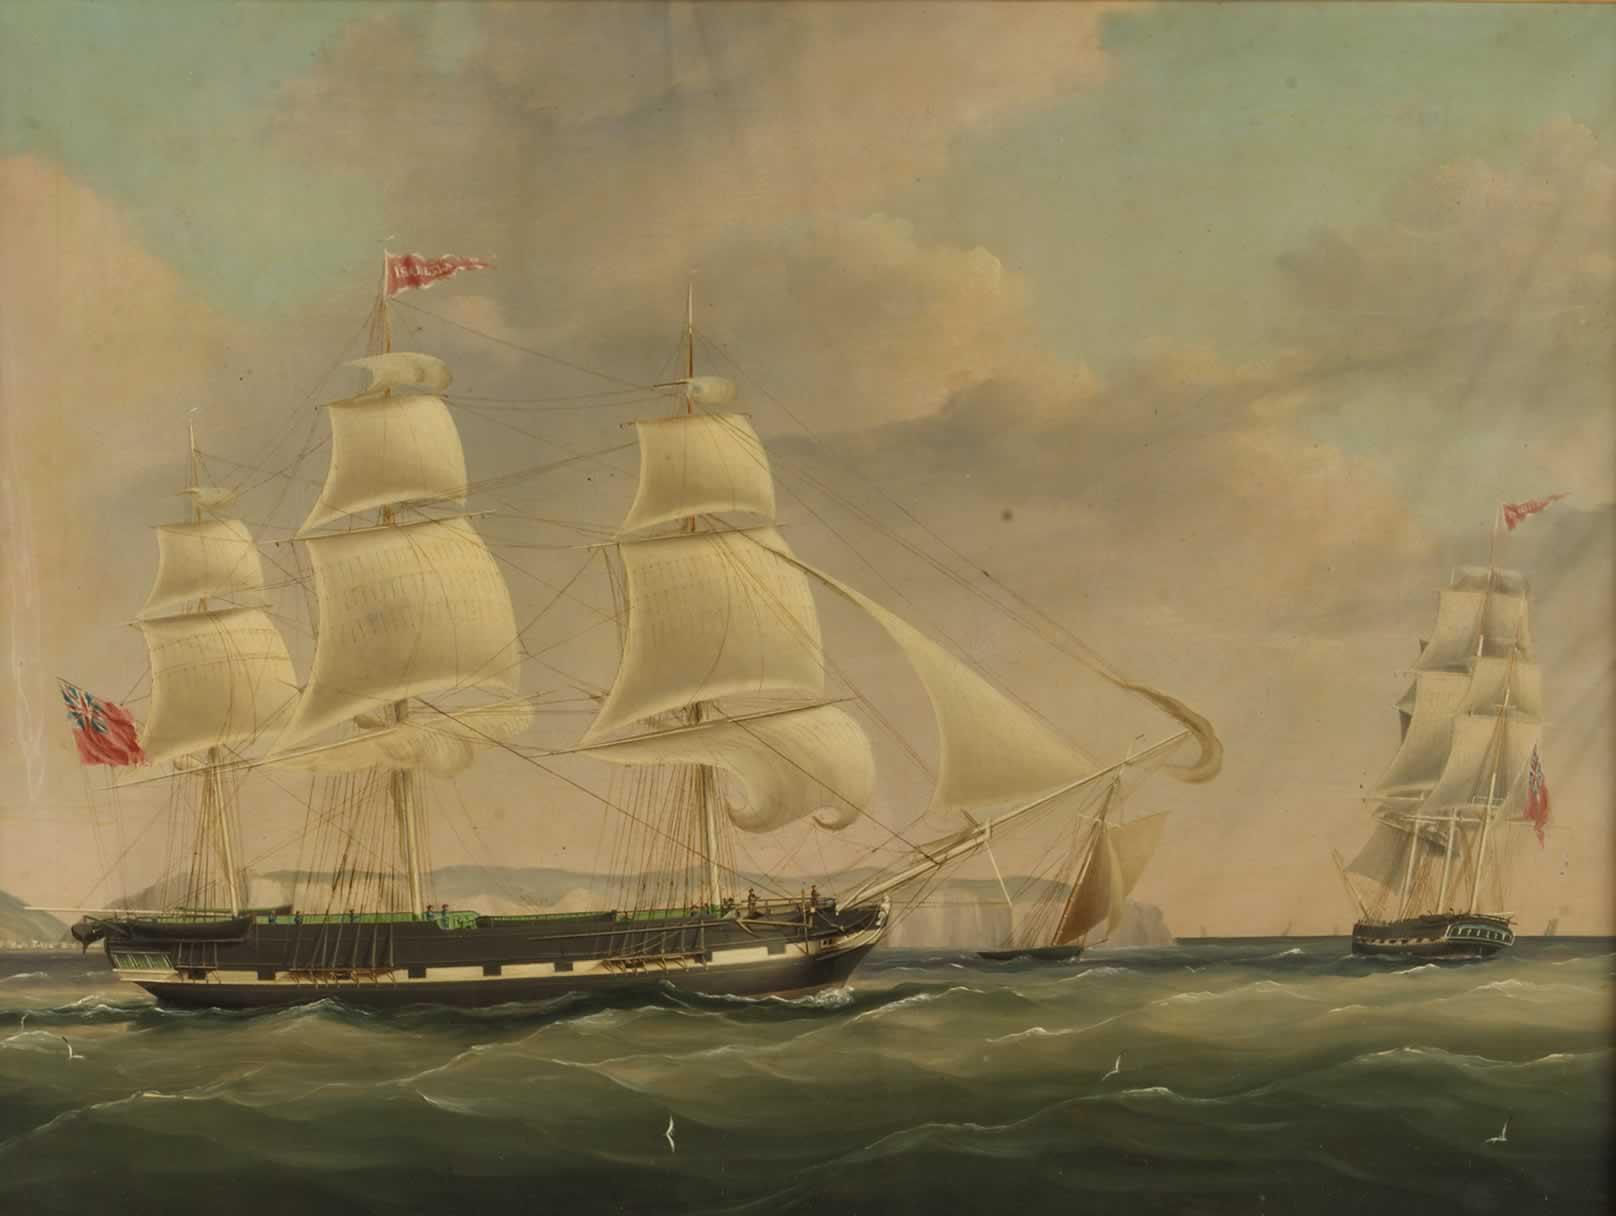 The Ship Isabella at Sea, 1820